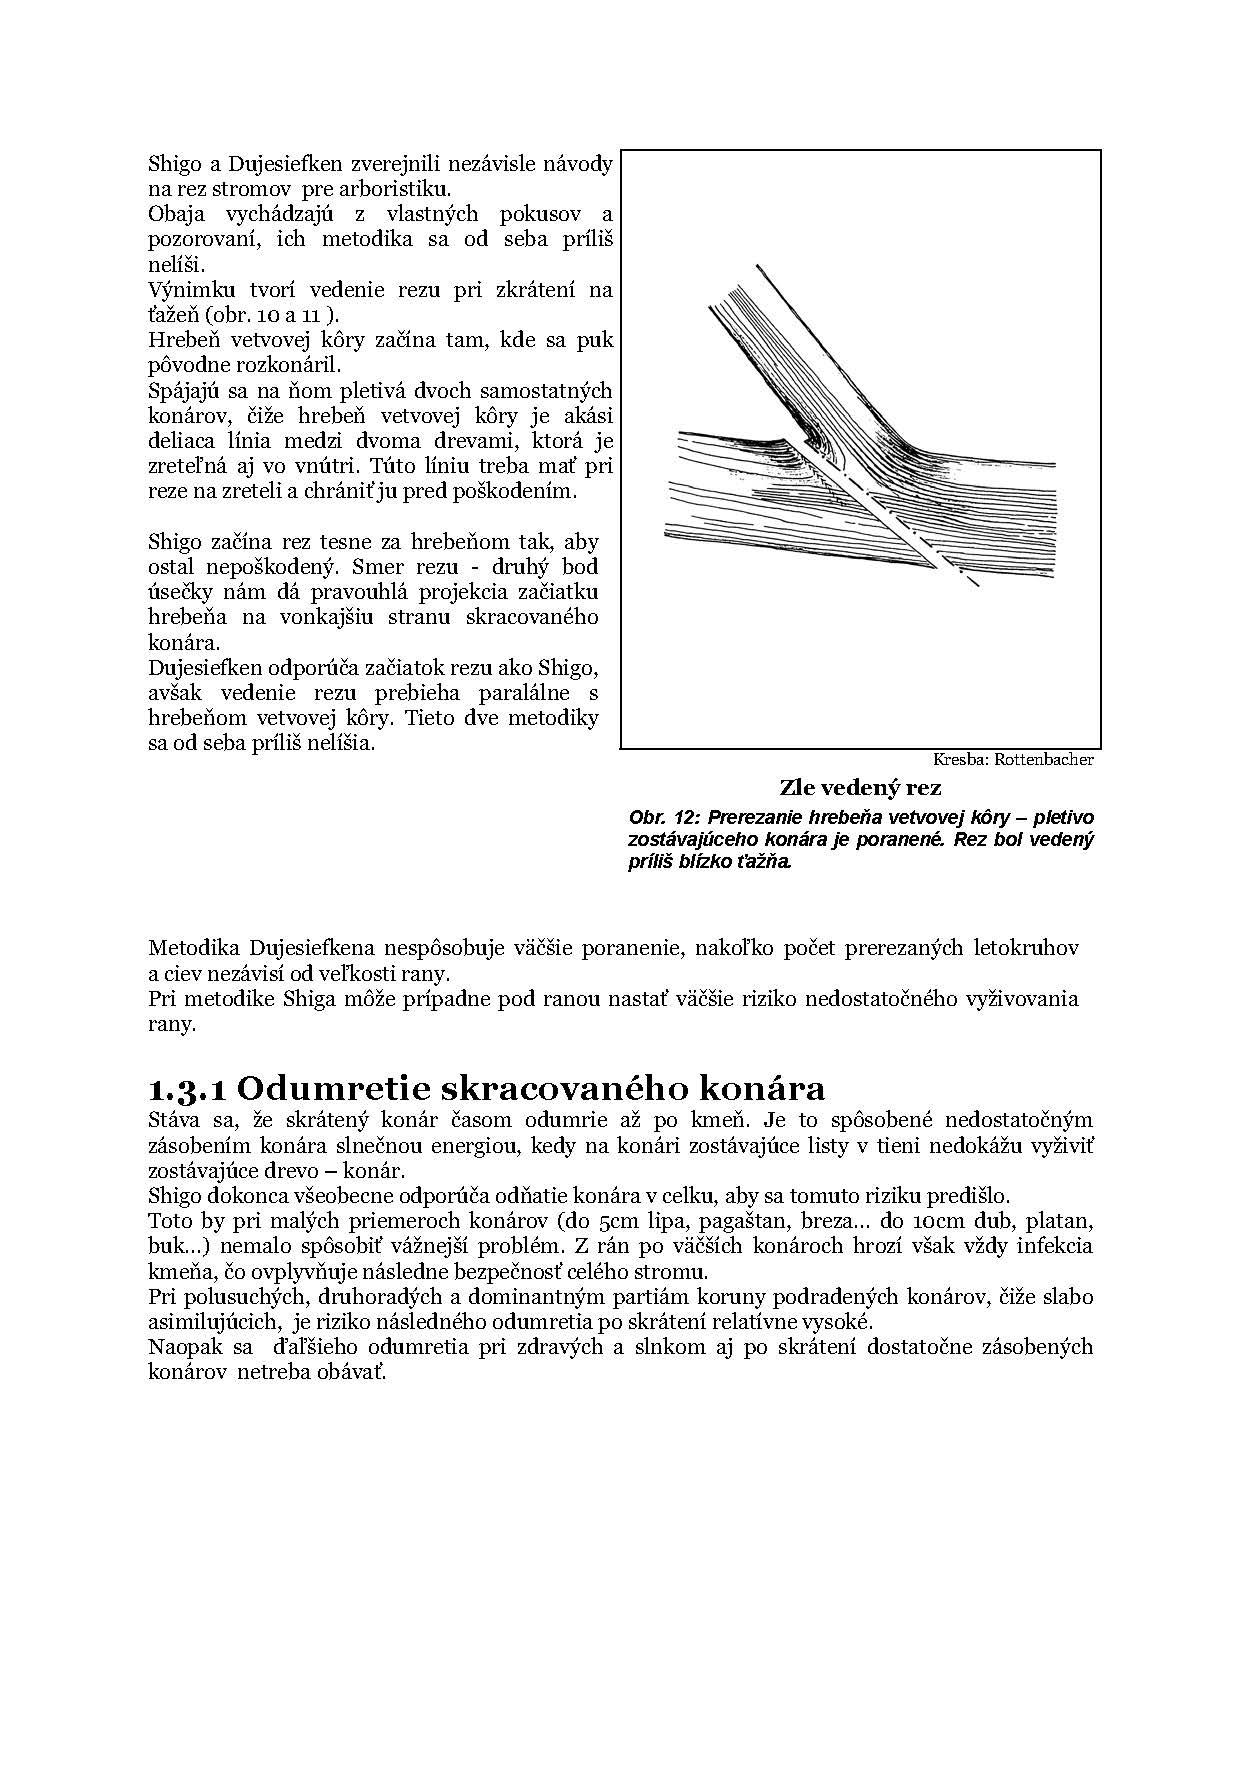 Zaklady_rezu_stromov_Flora_Page_8